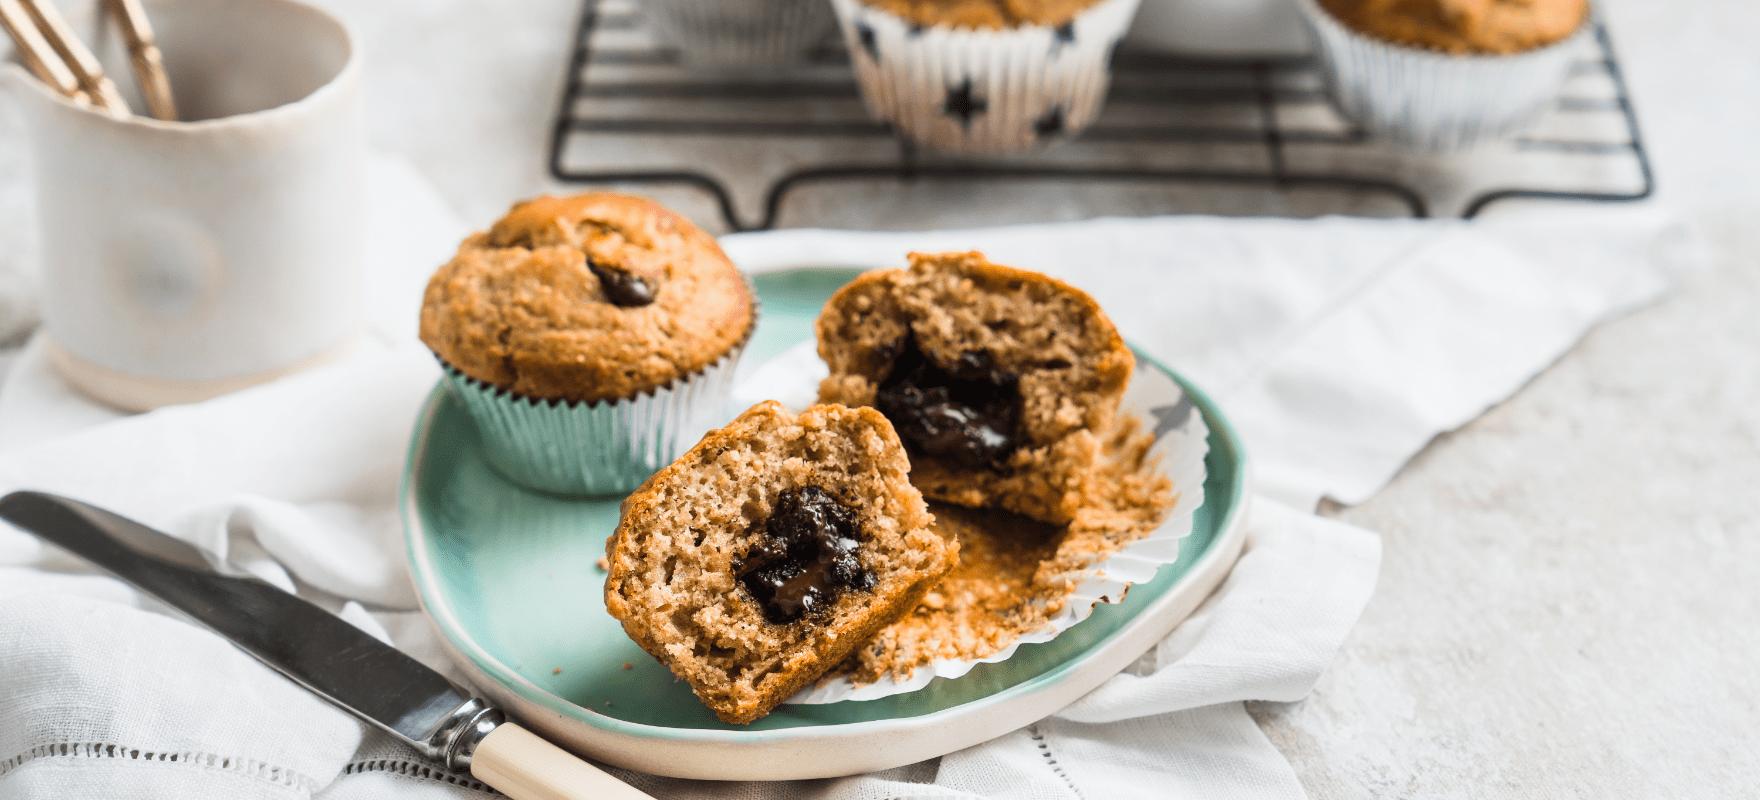 Banana chocolate muffins image 1